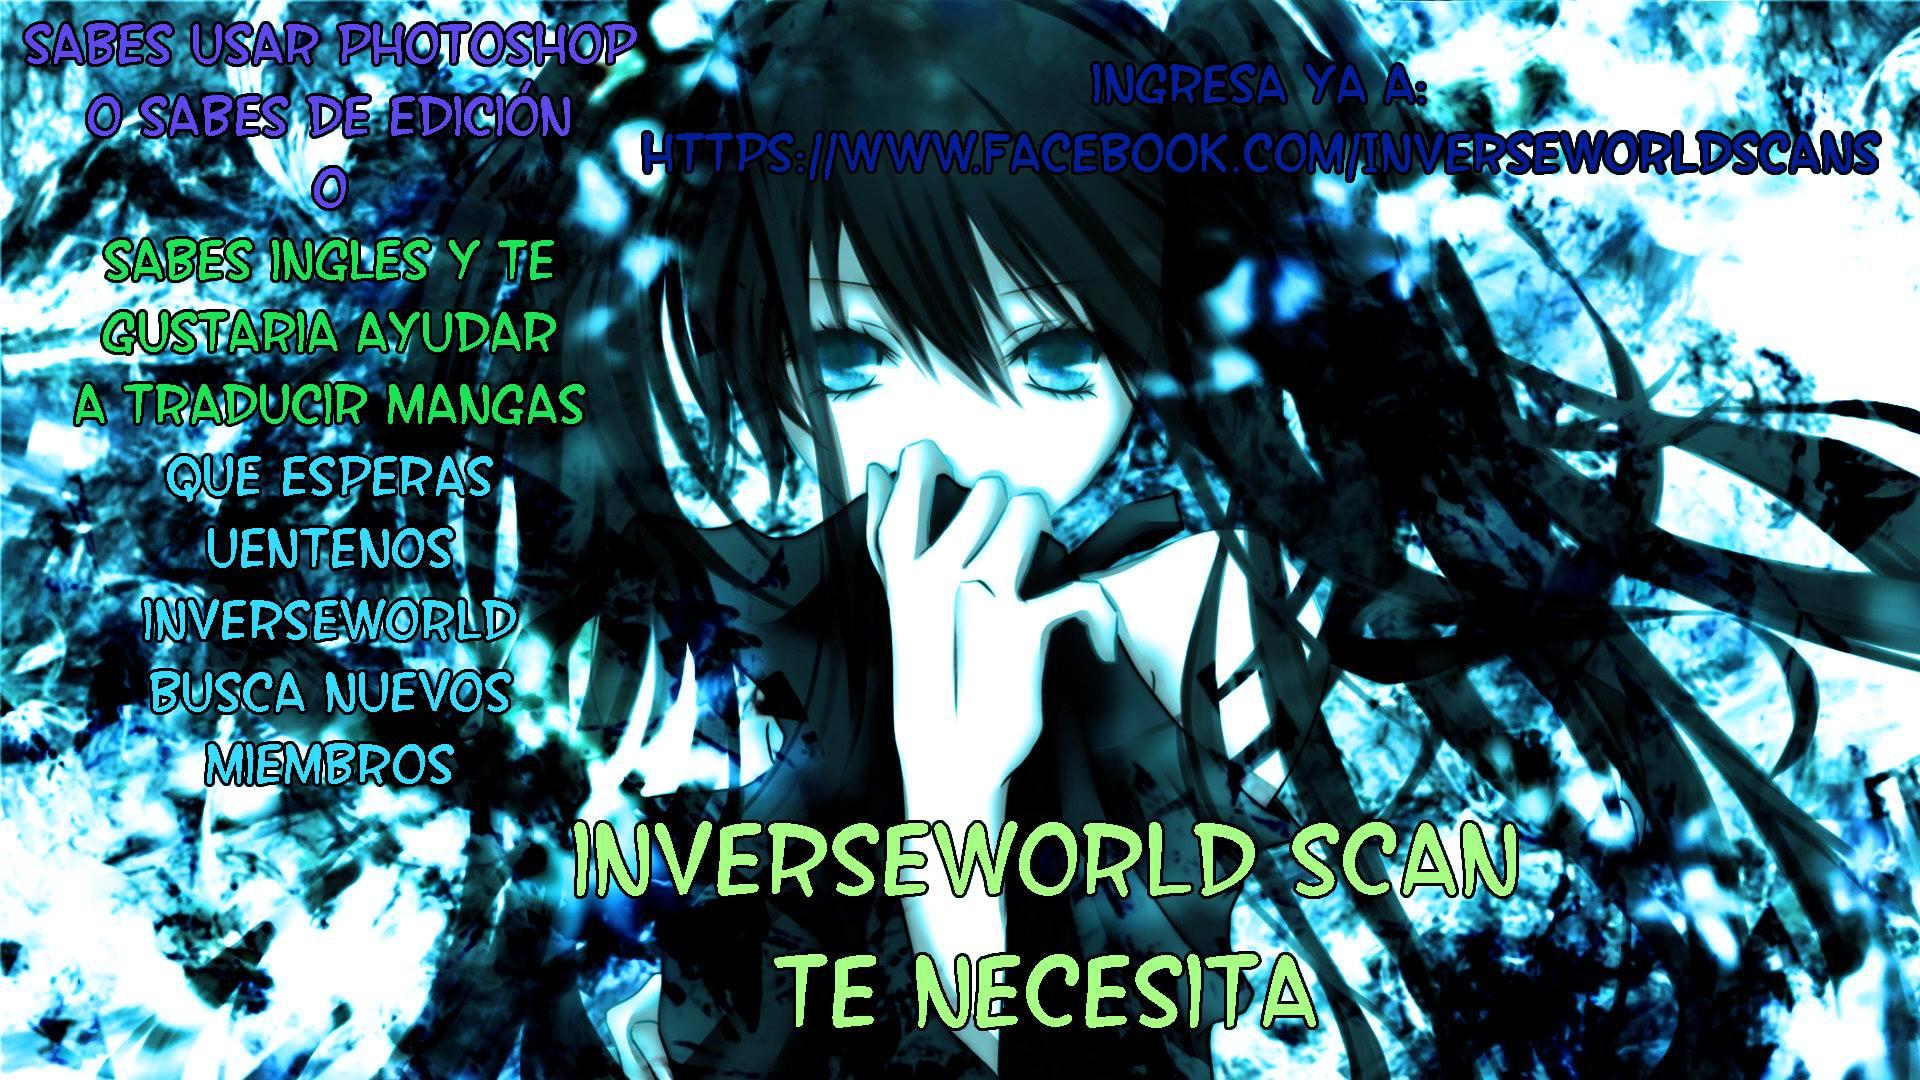 https://c5.mangatag.com/es_manga/18/16210/415318/f2cd6189a7b1df2be533b382931d6af3.jpg Page 2